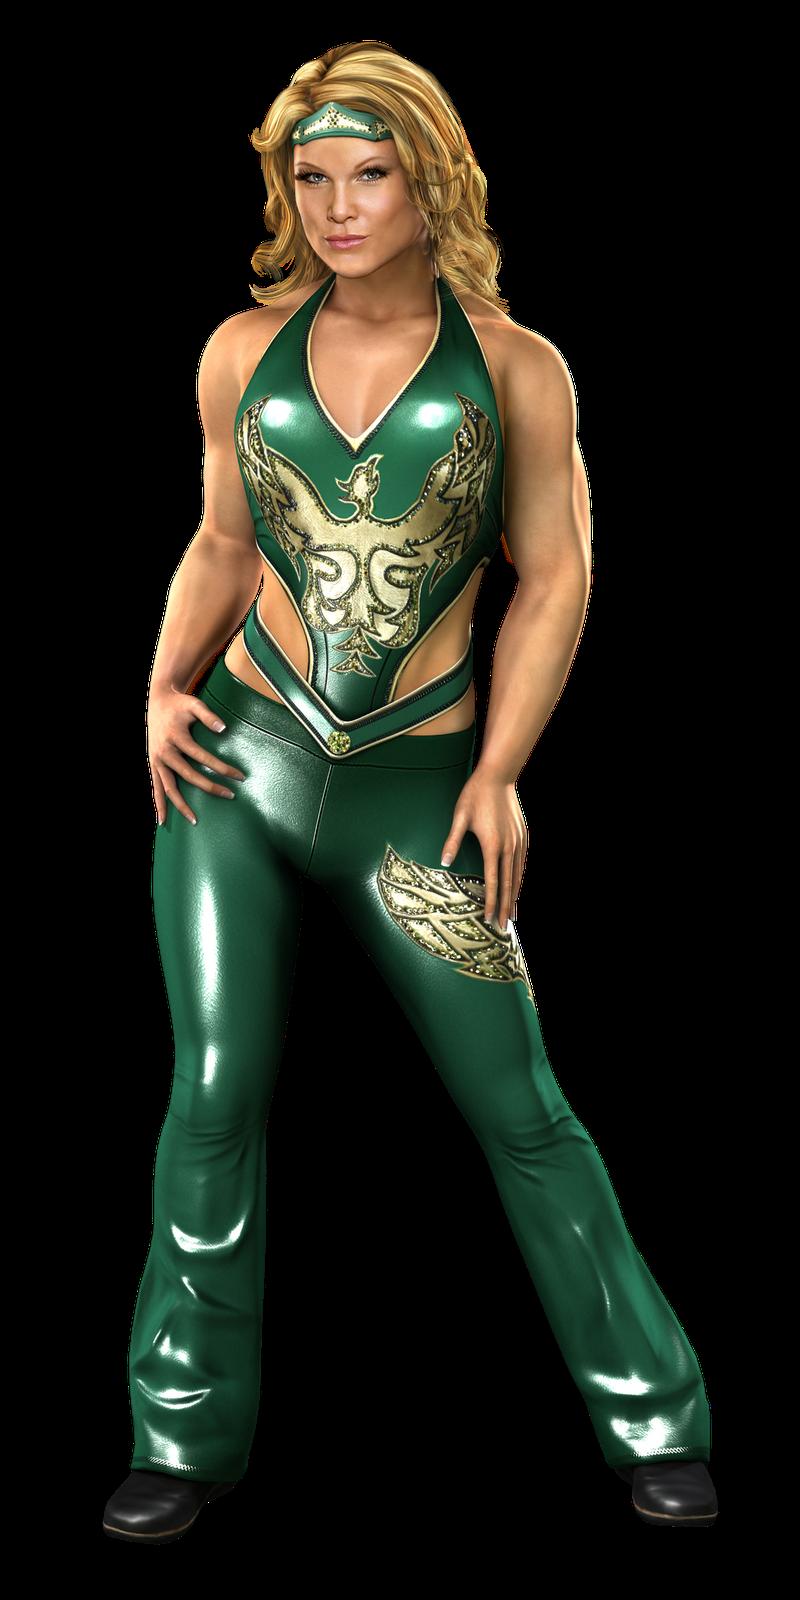 WWE Smackdown Vs. Raw Divas: SvR 2011